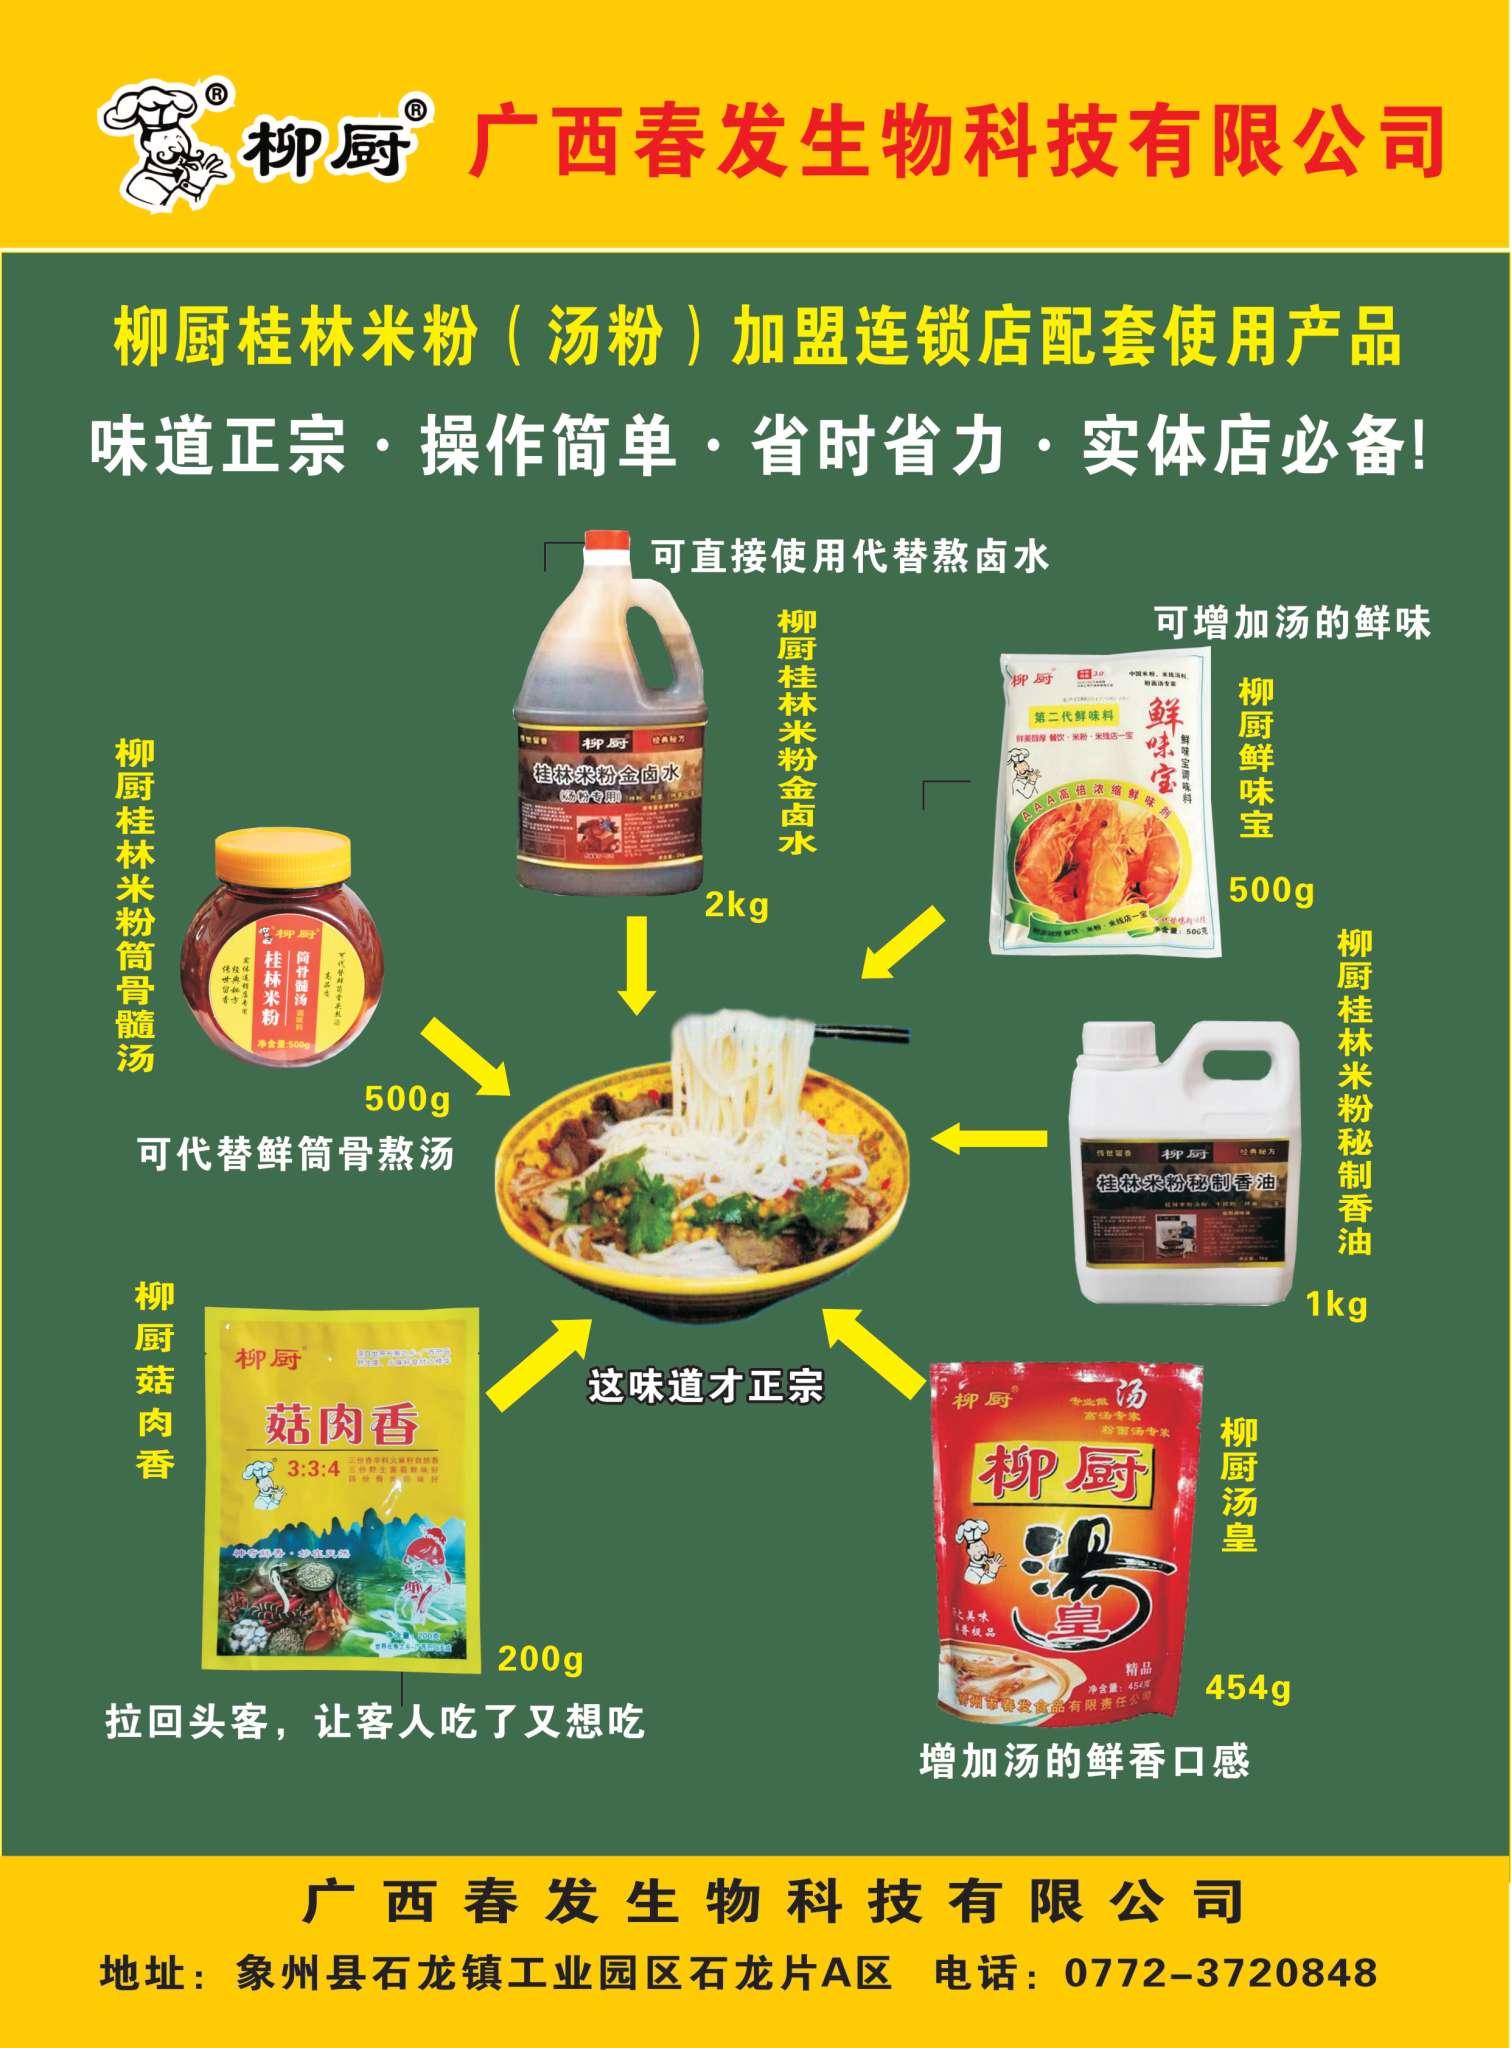 柳厨桂林米粉500克汤粉配套产品使用 (4).jpg